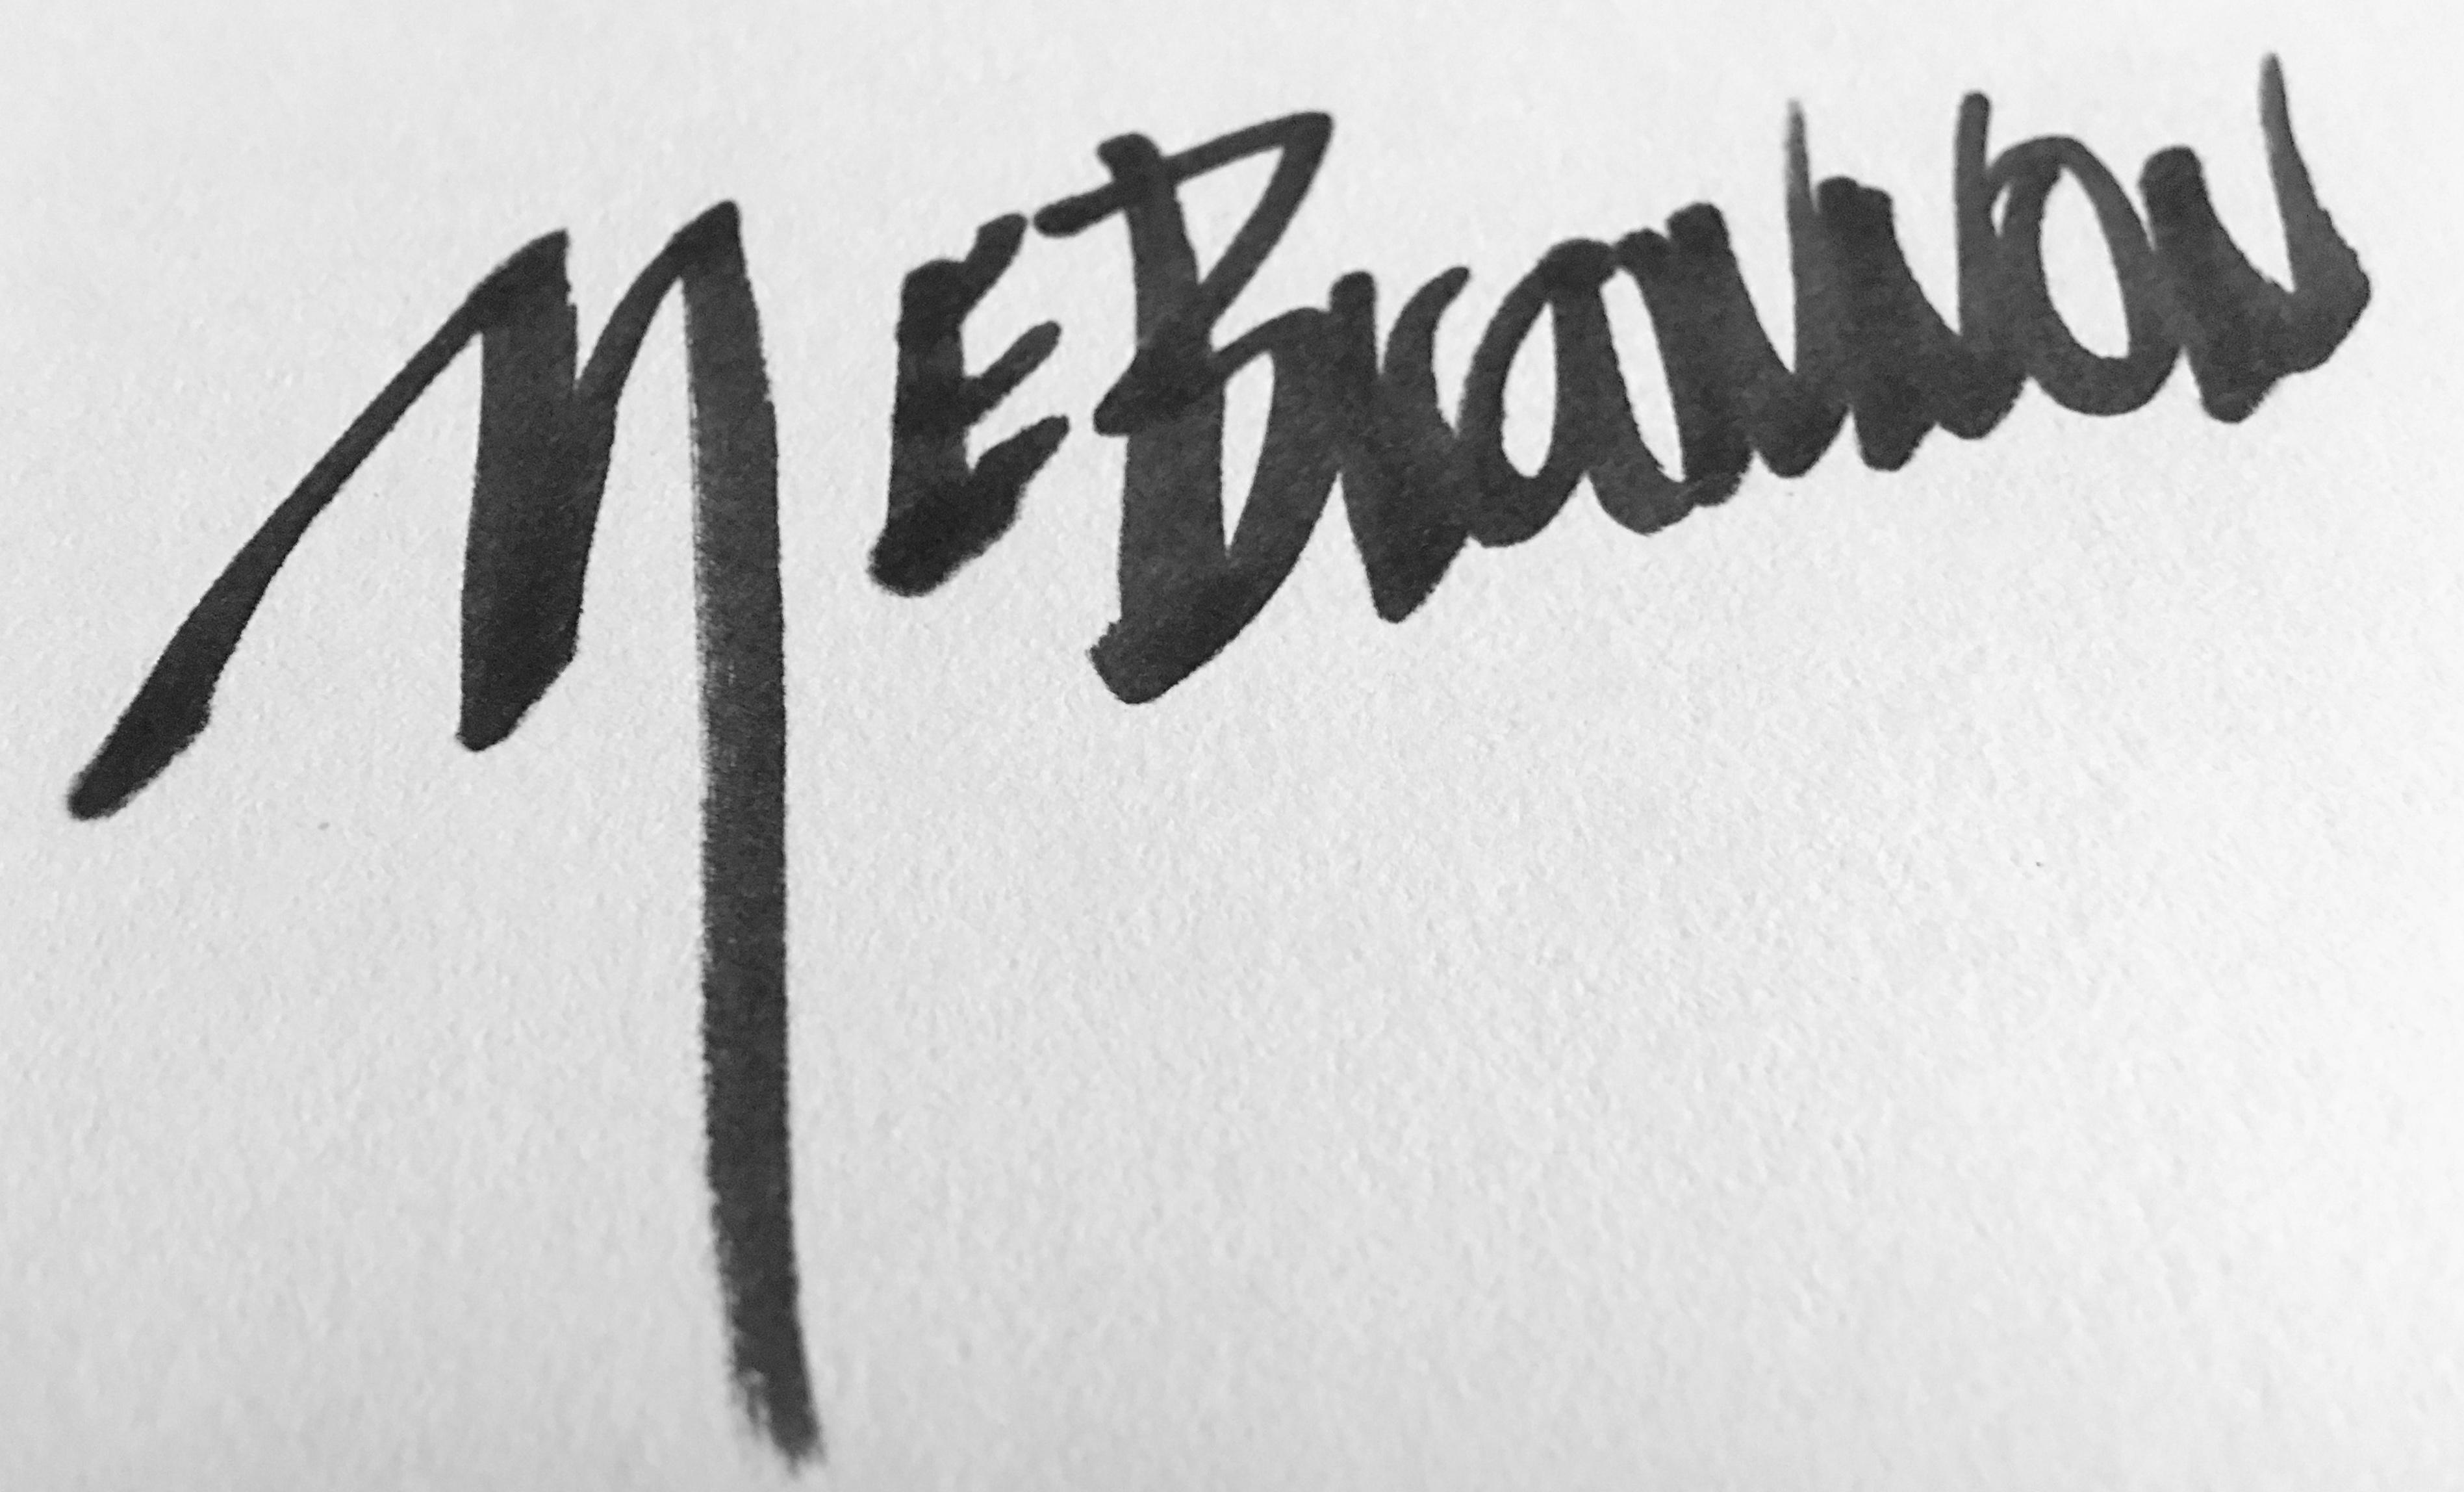 M E Brannon Signature